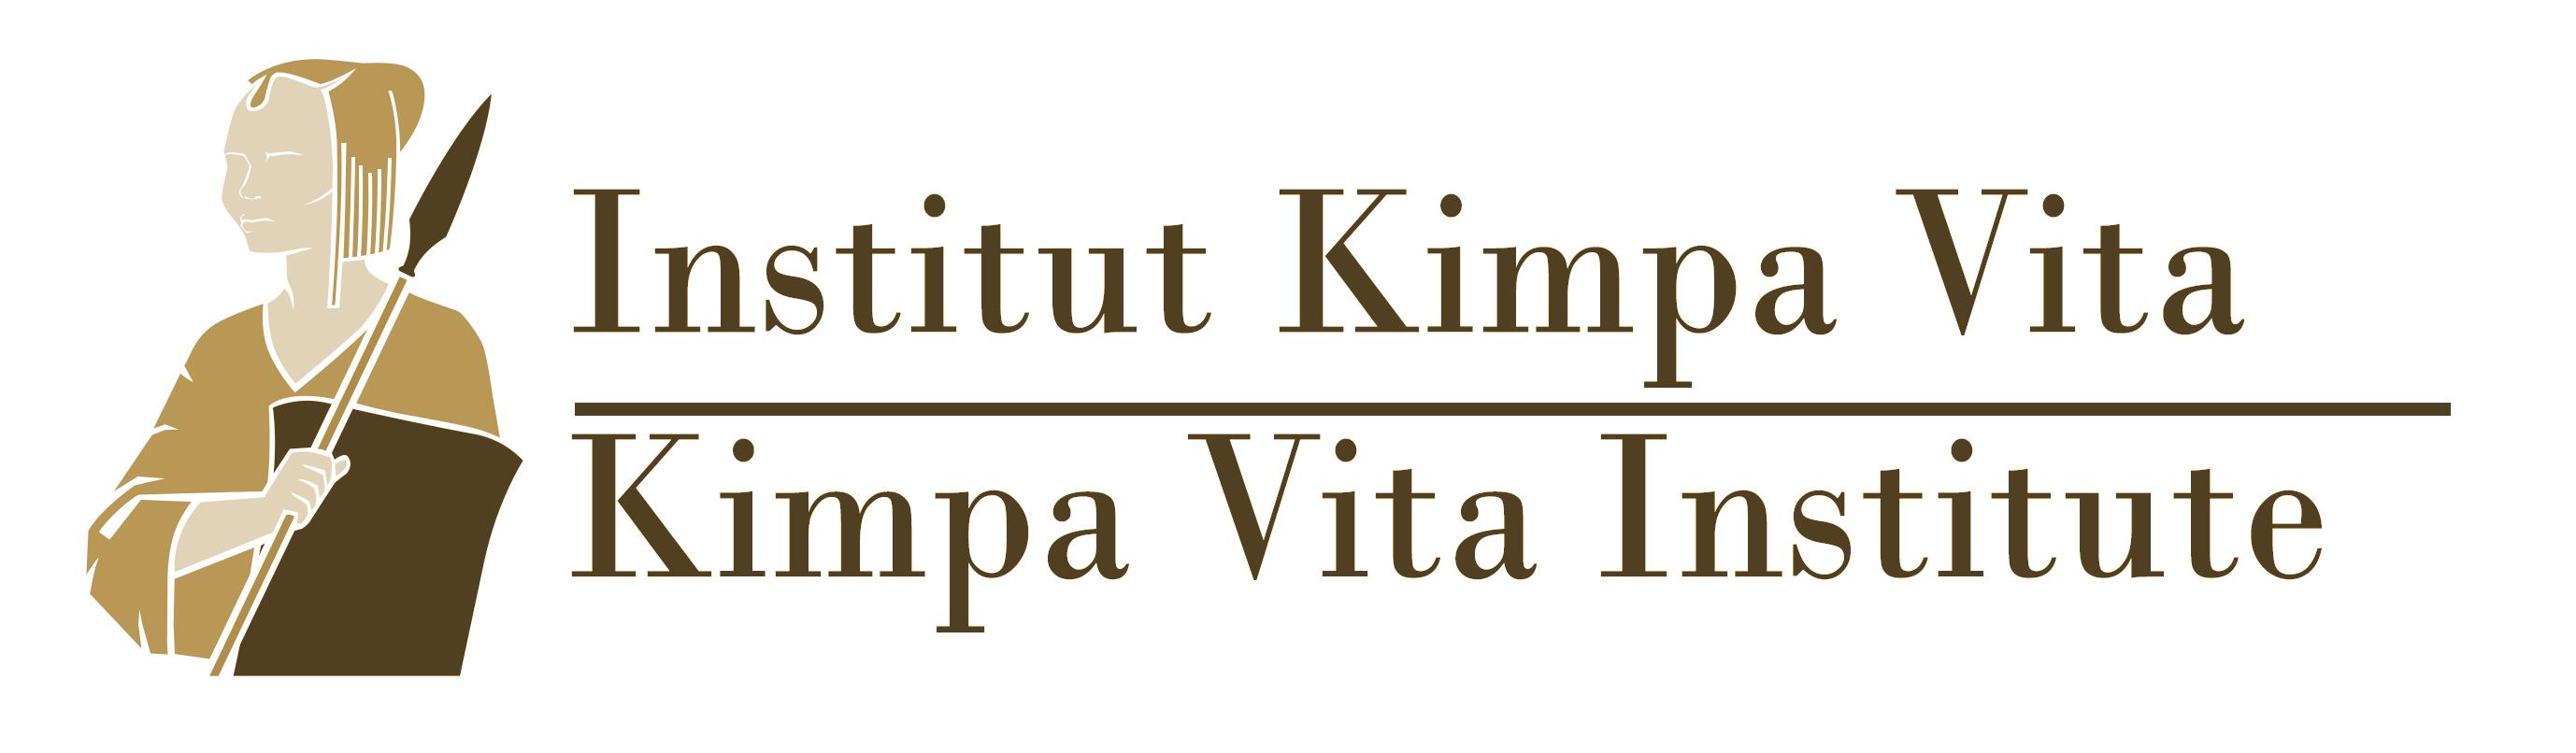 Kimpa vita institute   institut kimpa vita